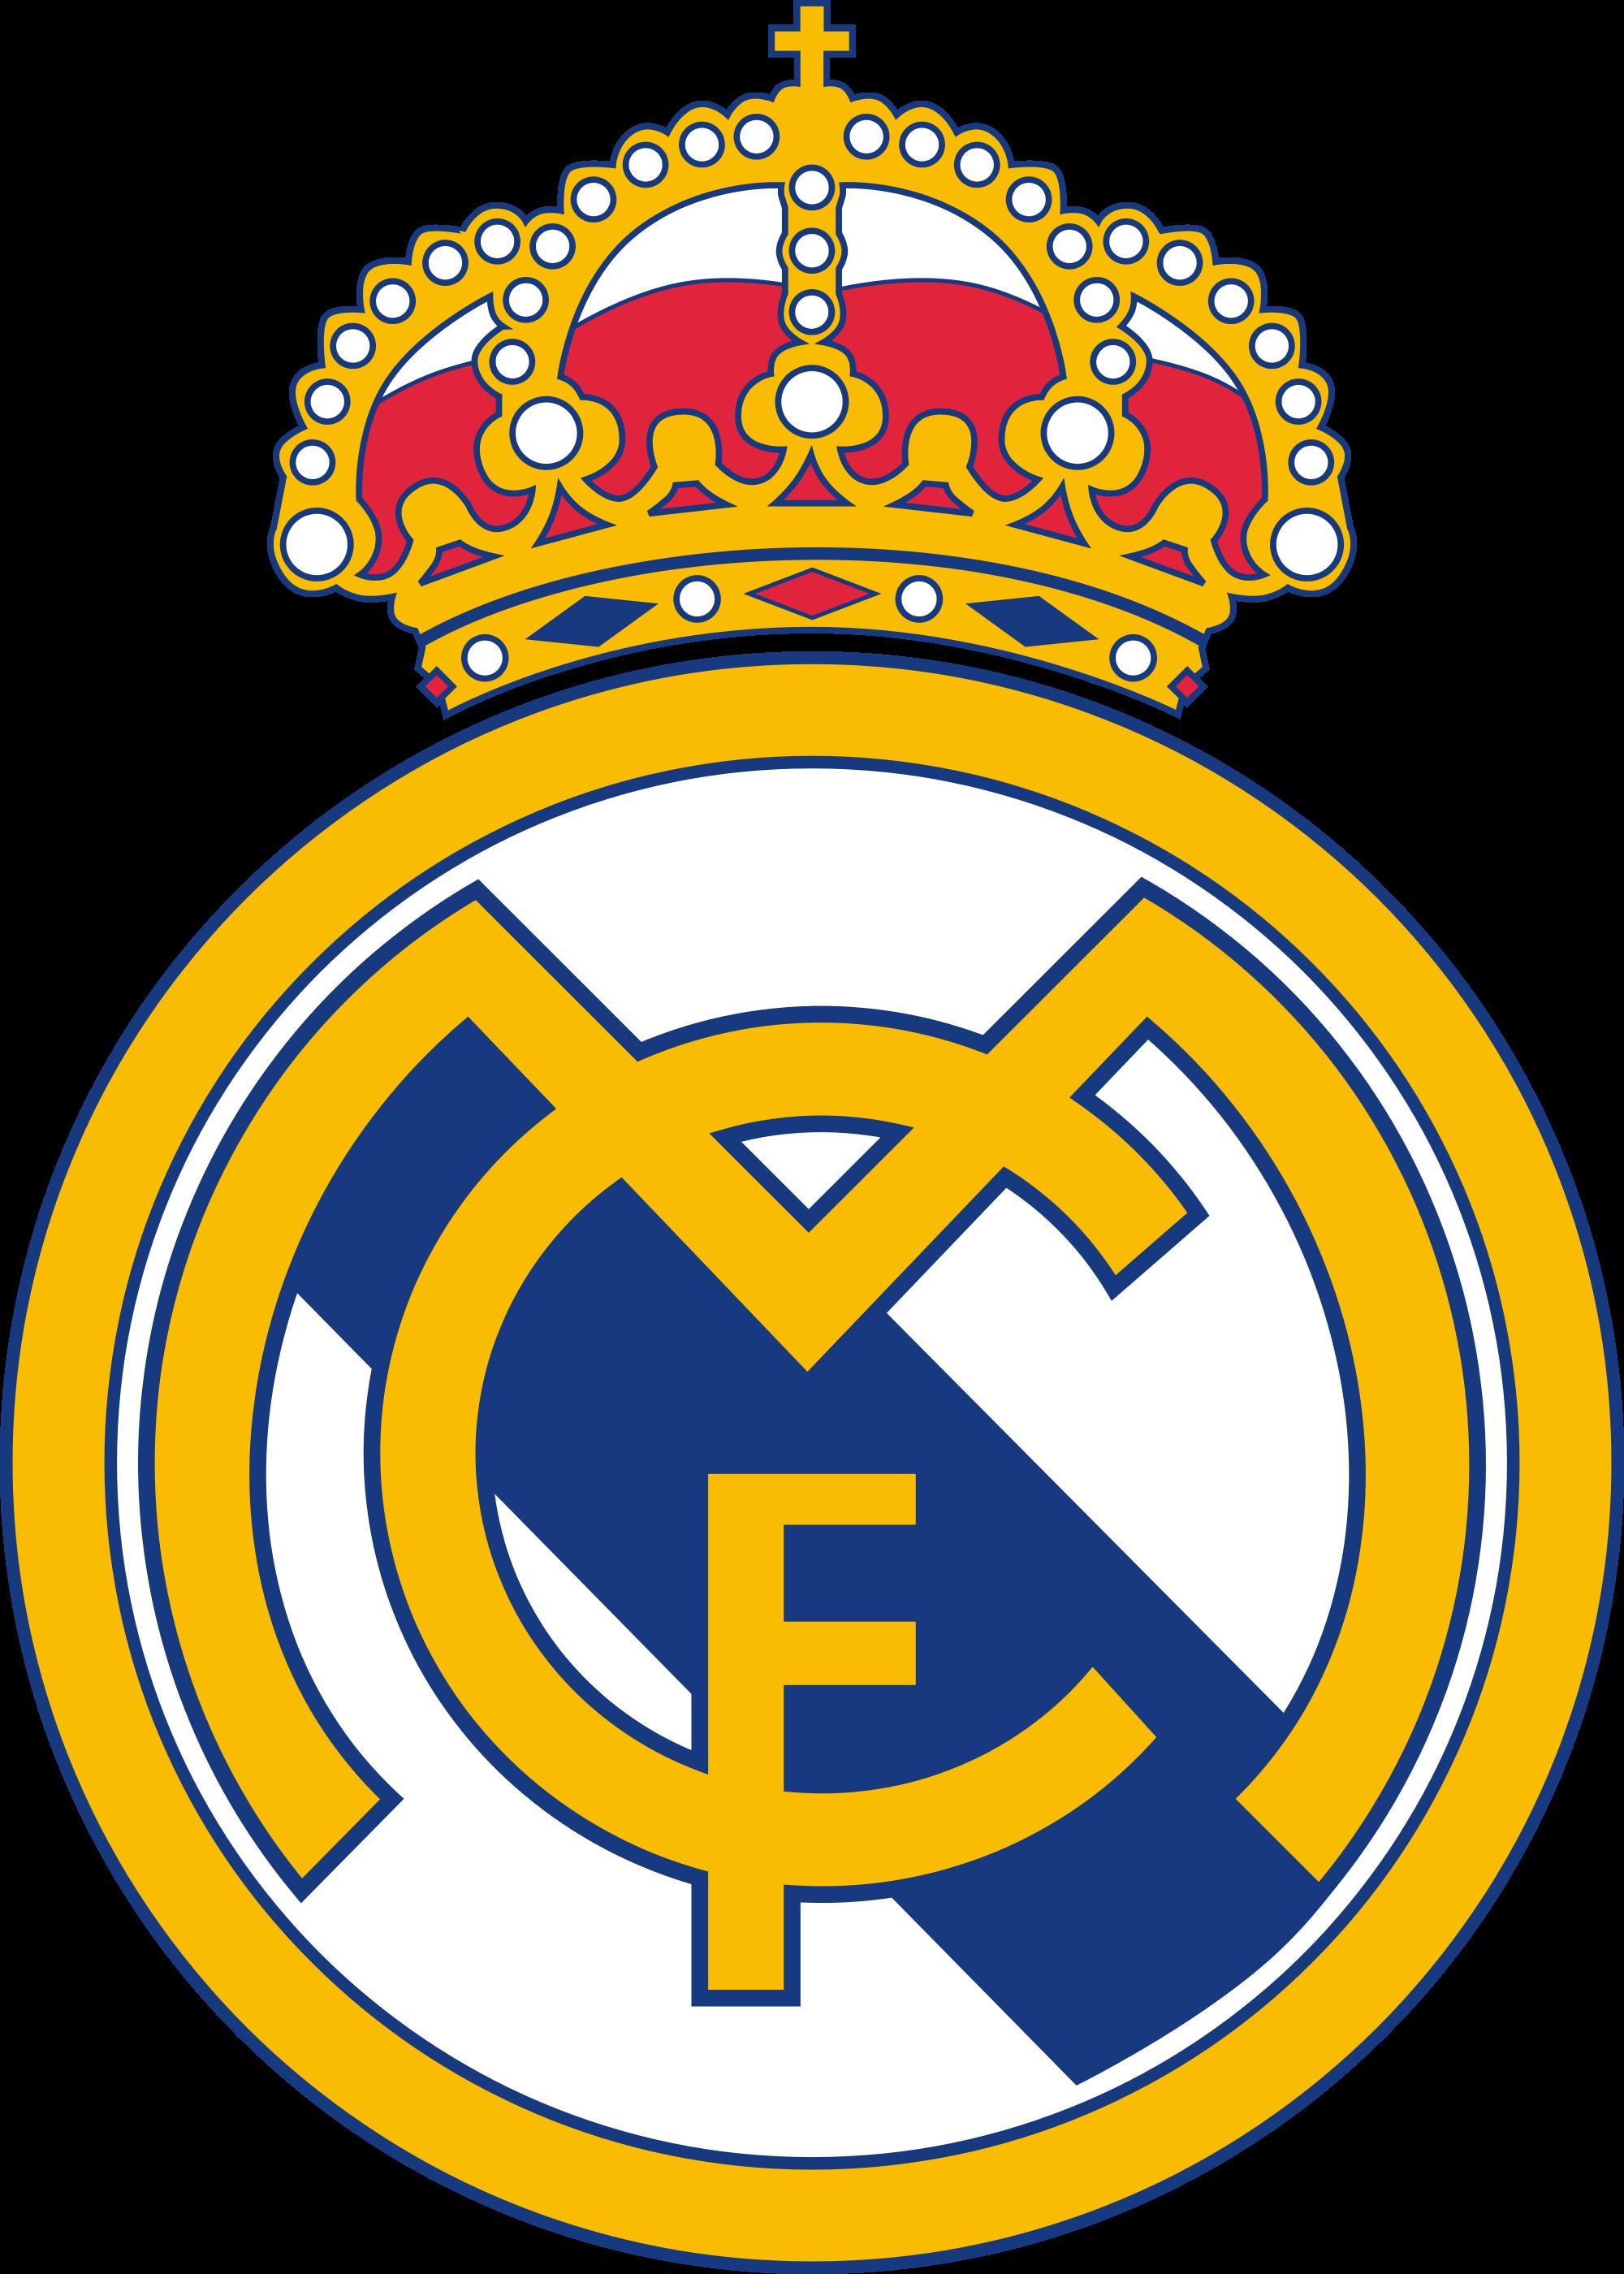 Logotipo Del Real Madrid Real Madrid Fºtbol Equipos De Futbol Europeos Real Sociedad